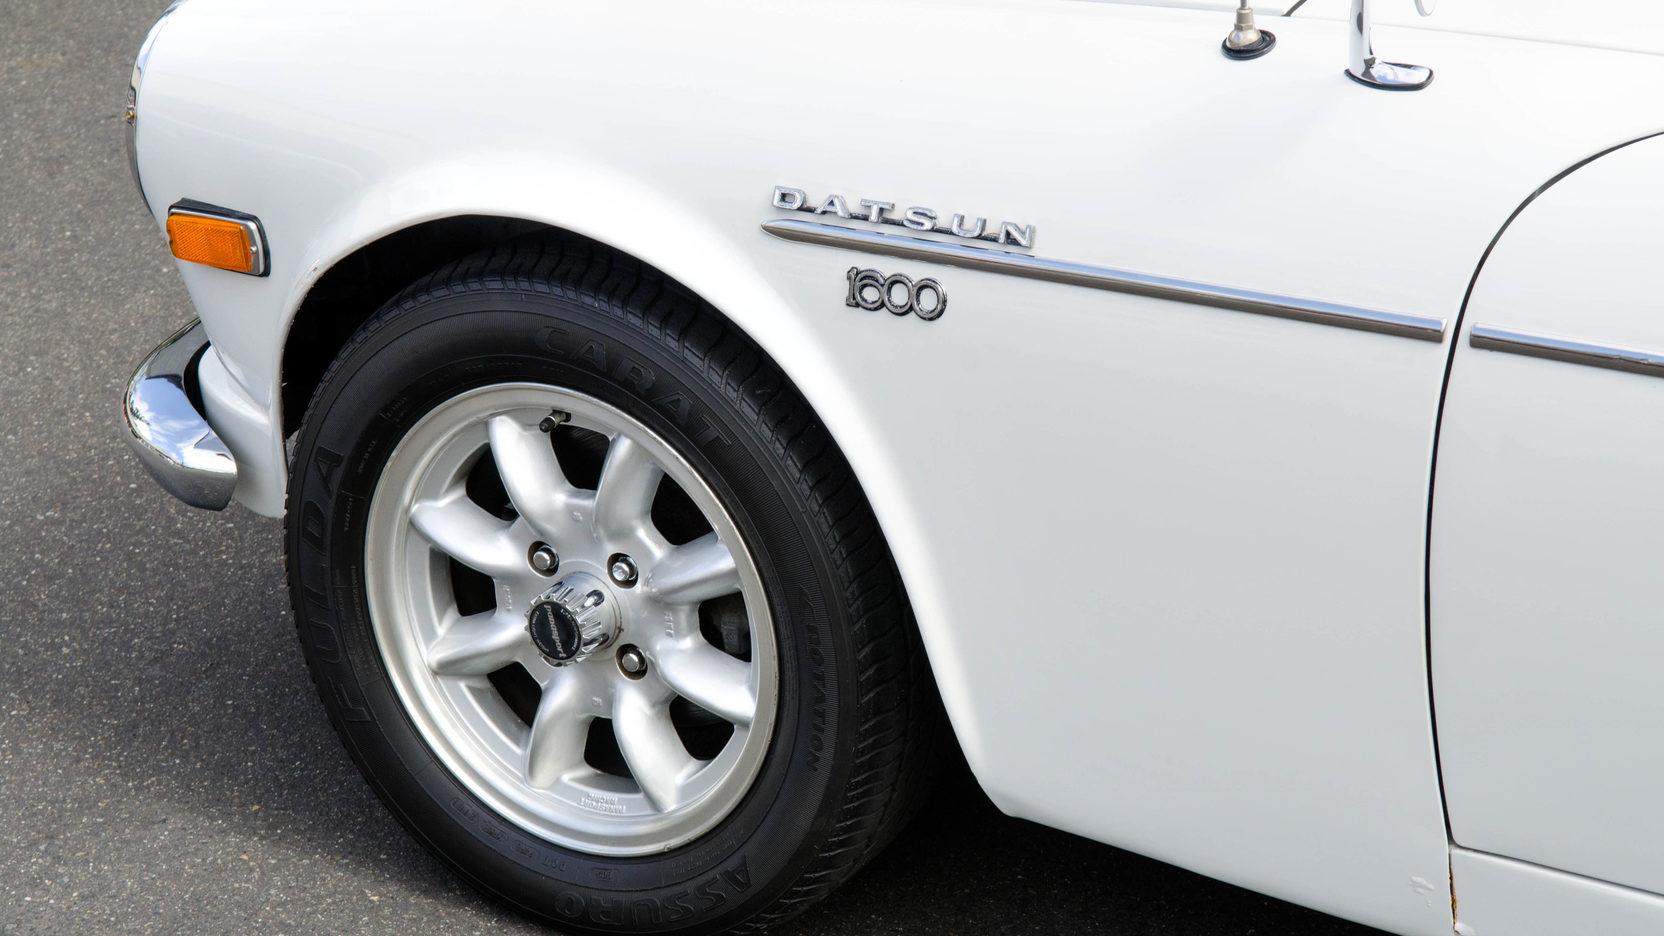 1970 Datsun 1600 wheel detail